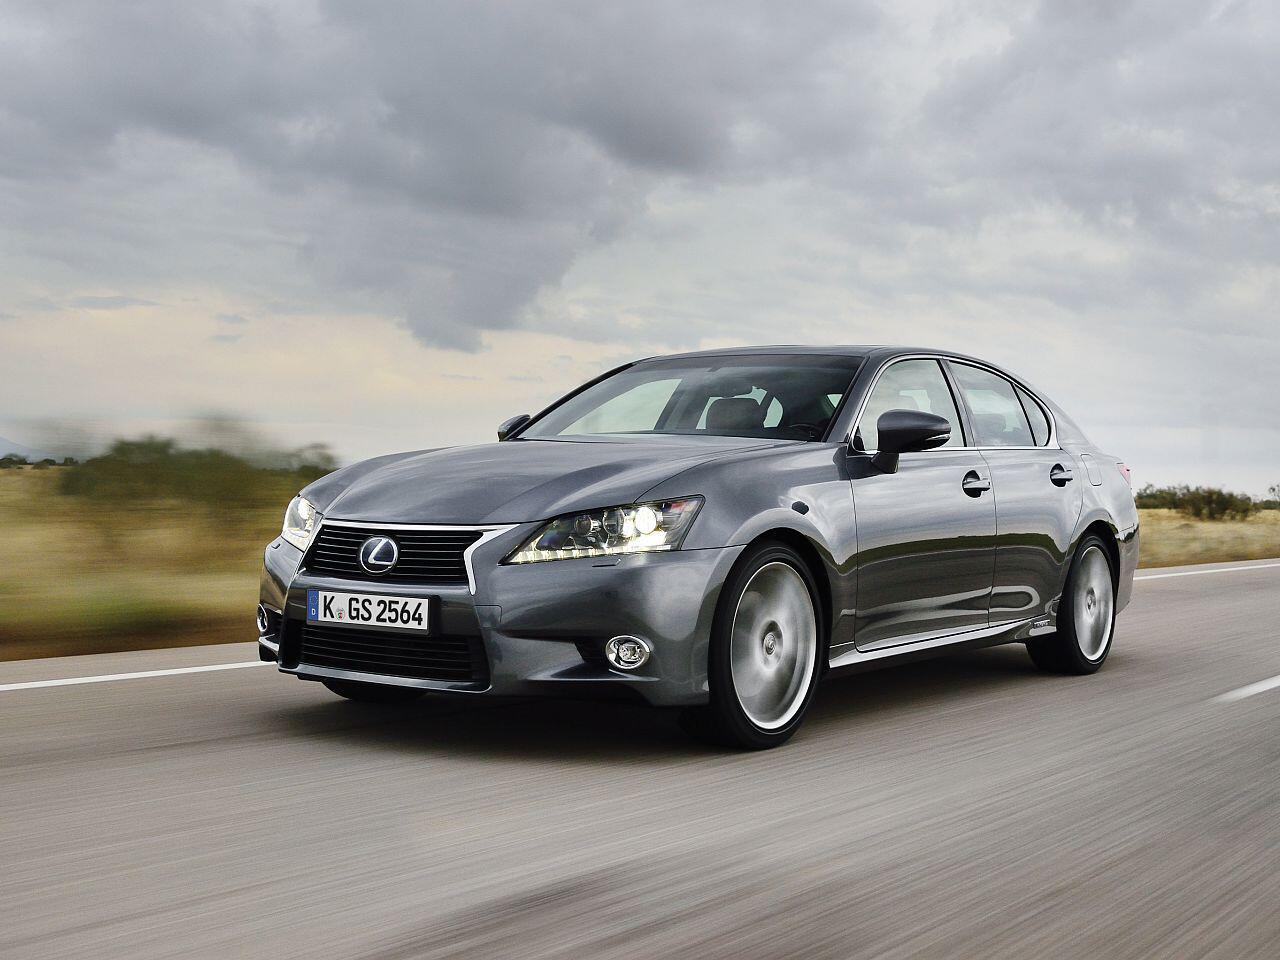 Bild zu Geringster Wertverlust in Euro bei den Oberklasse-Pkw: Lexus GS 300h